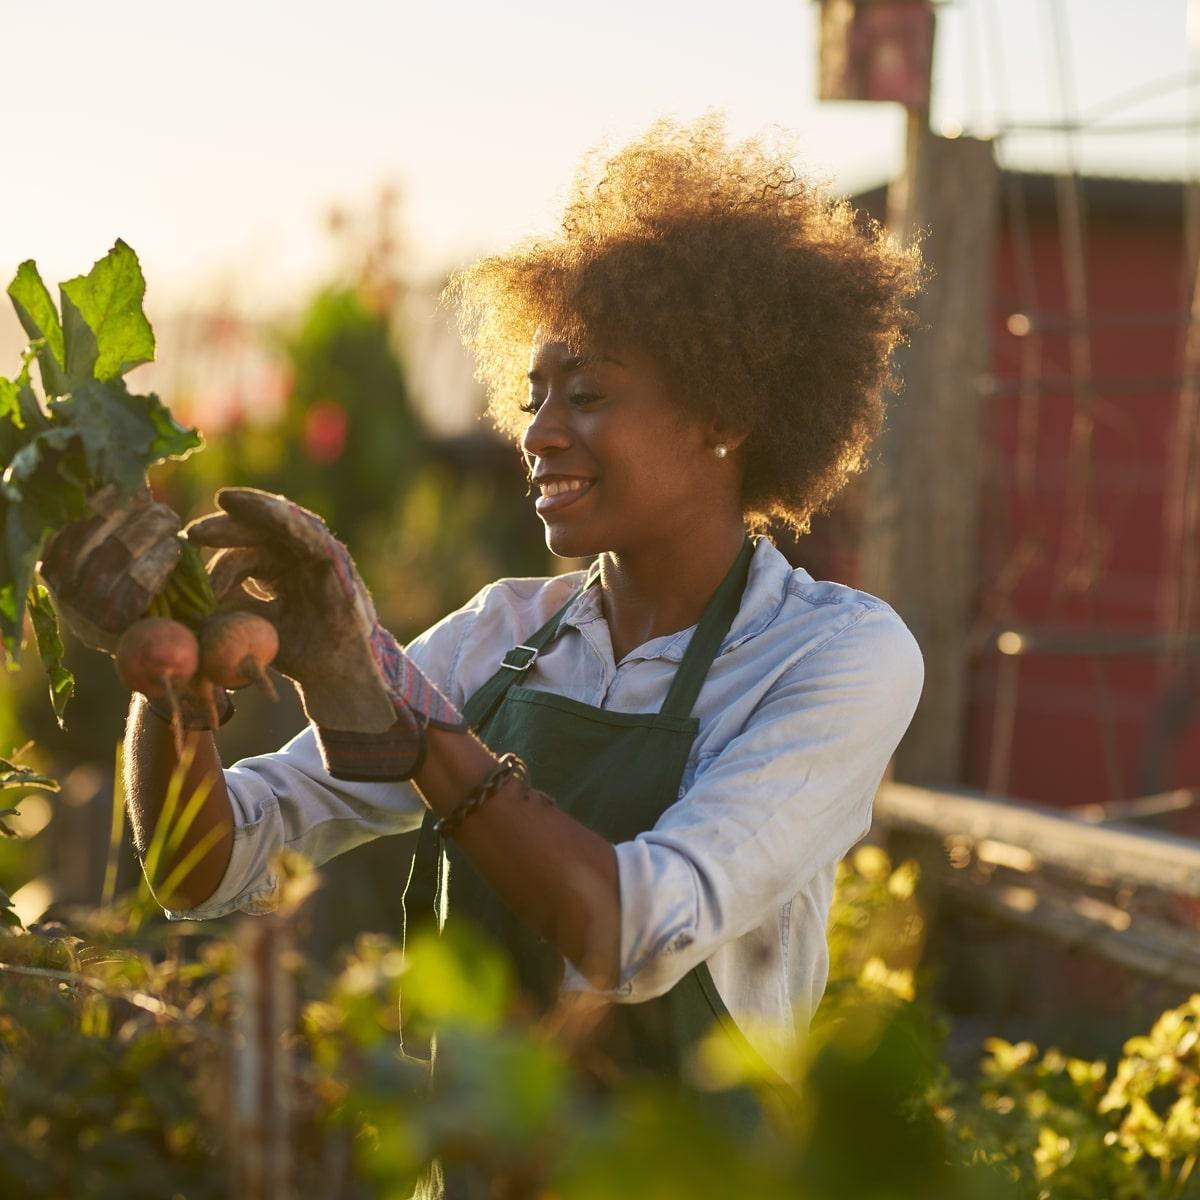 Jardiner sans se blesser